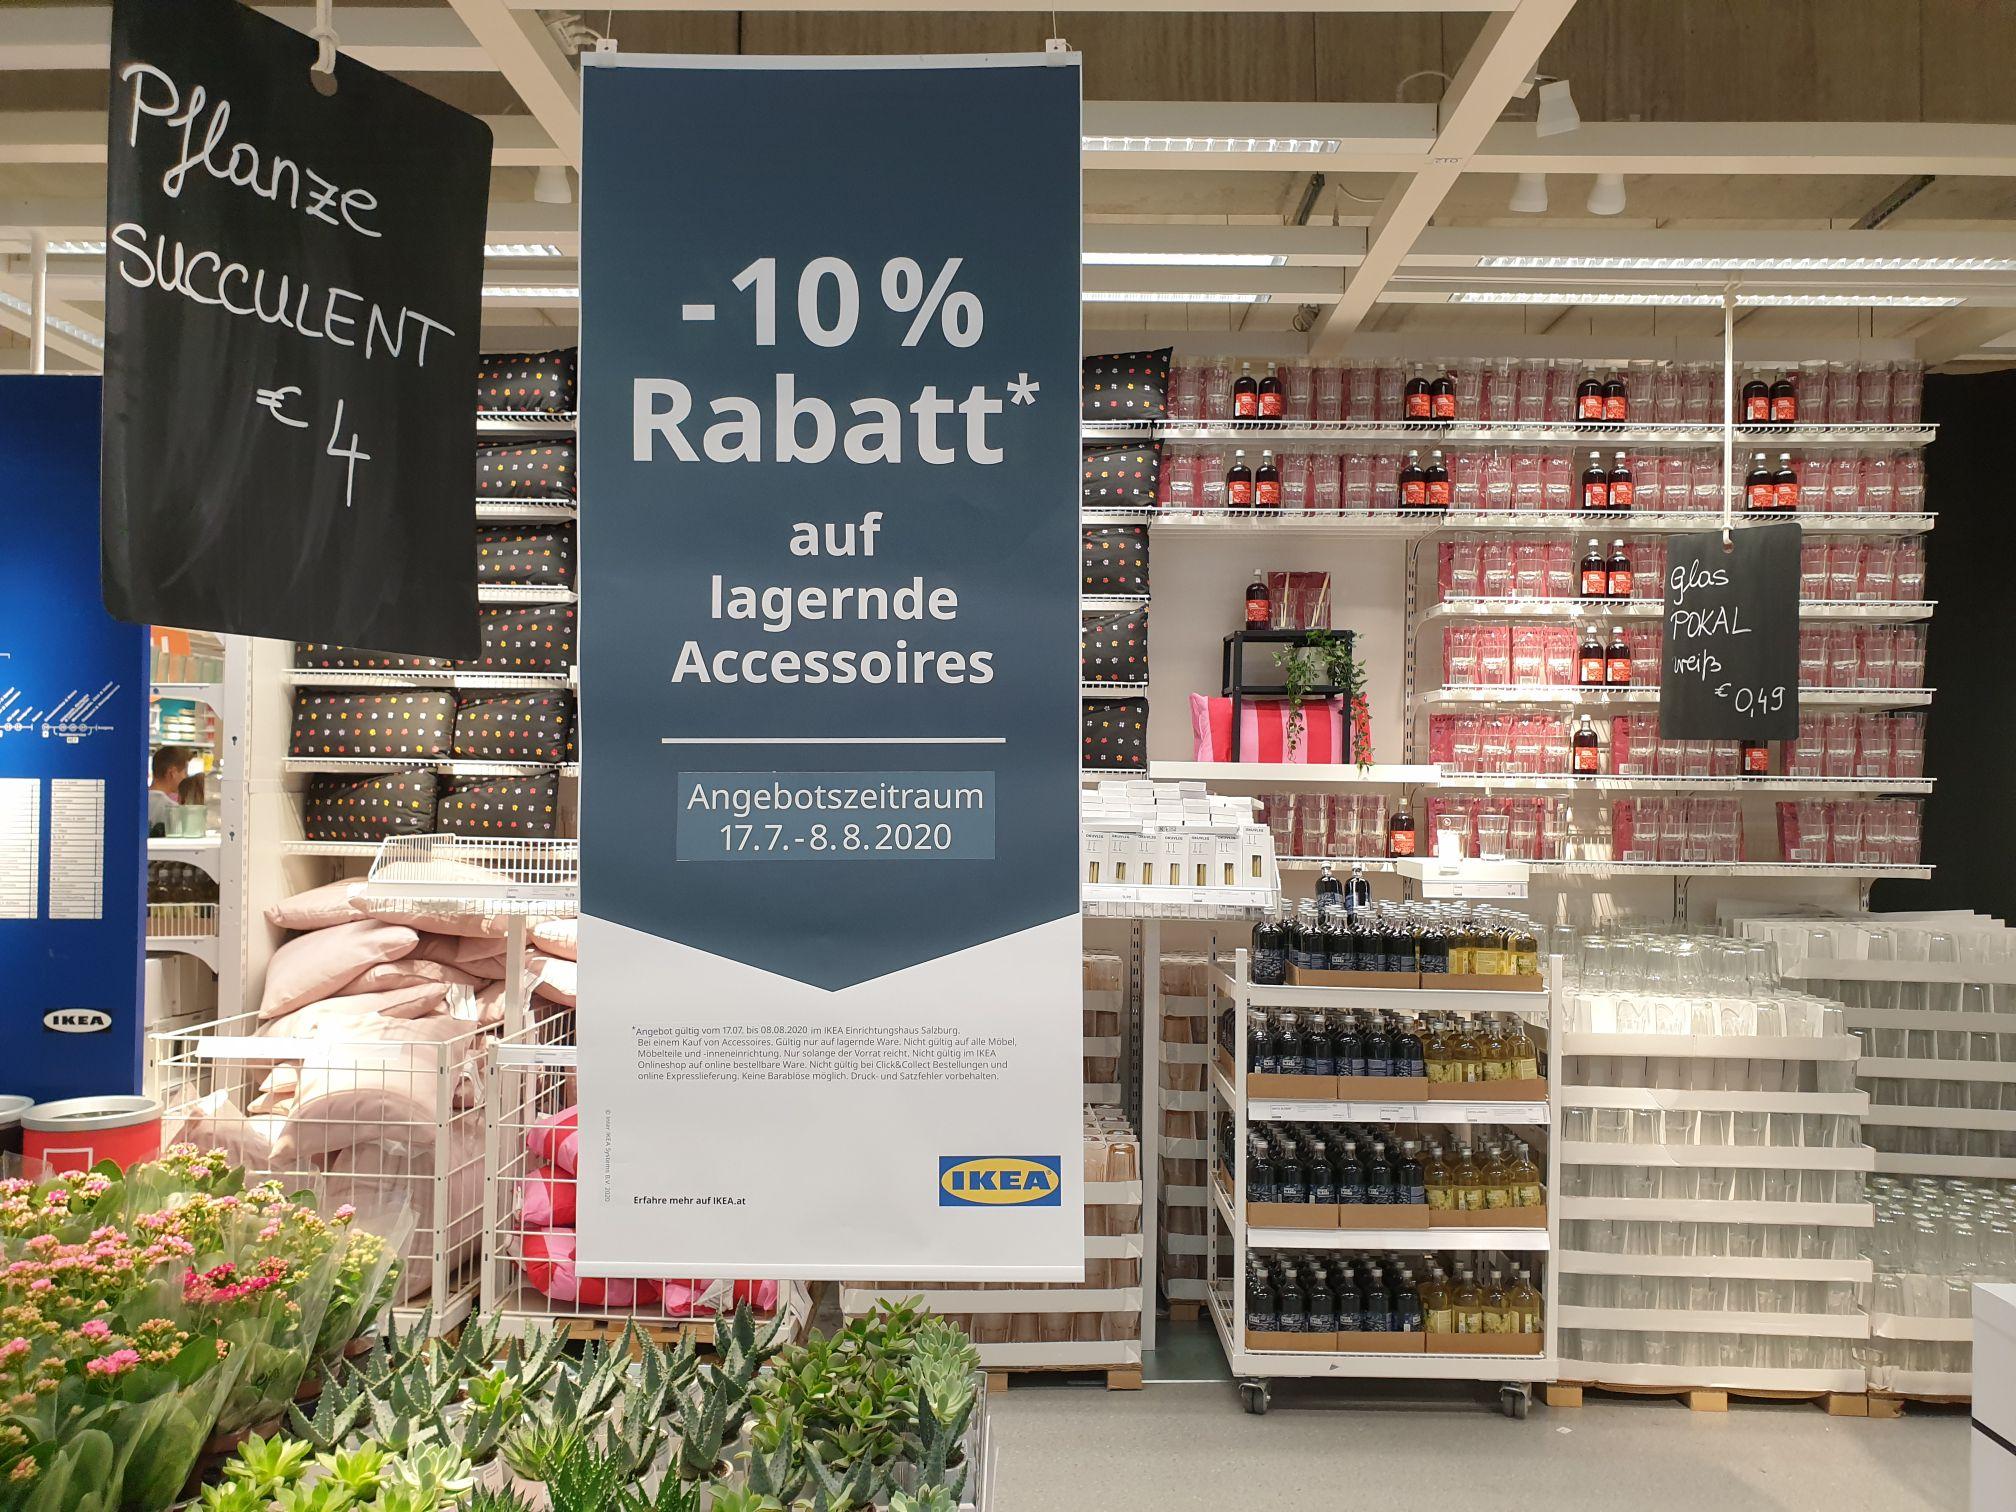 Minus 10% auf lagernde Accessiors bei IKEA Salzburg